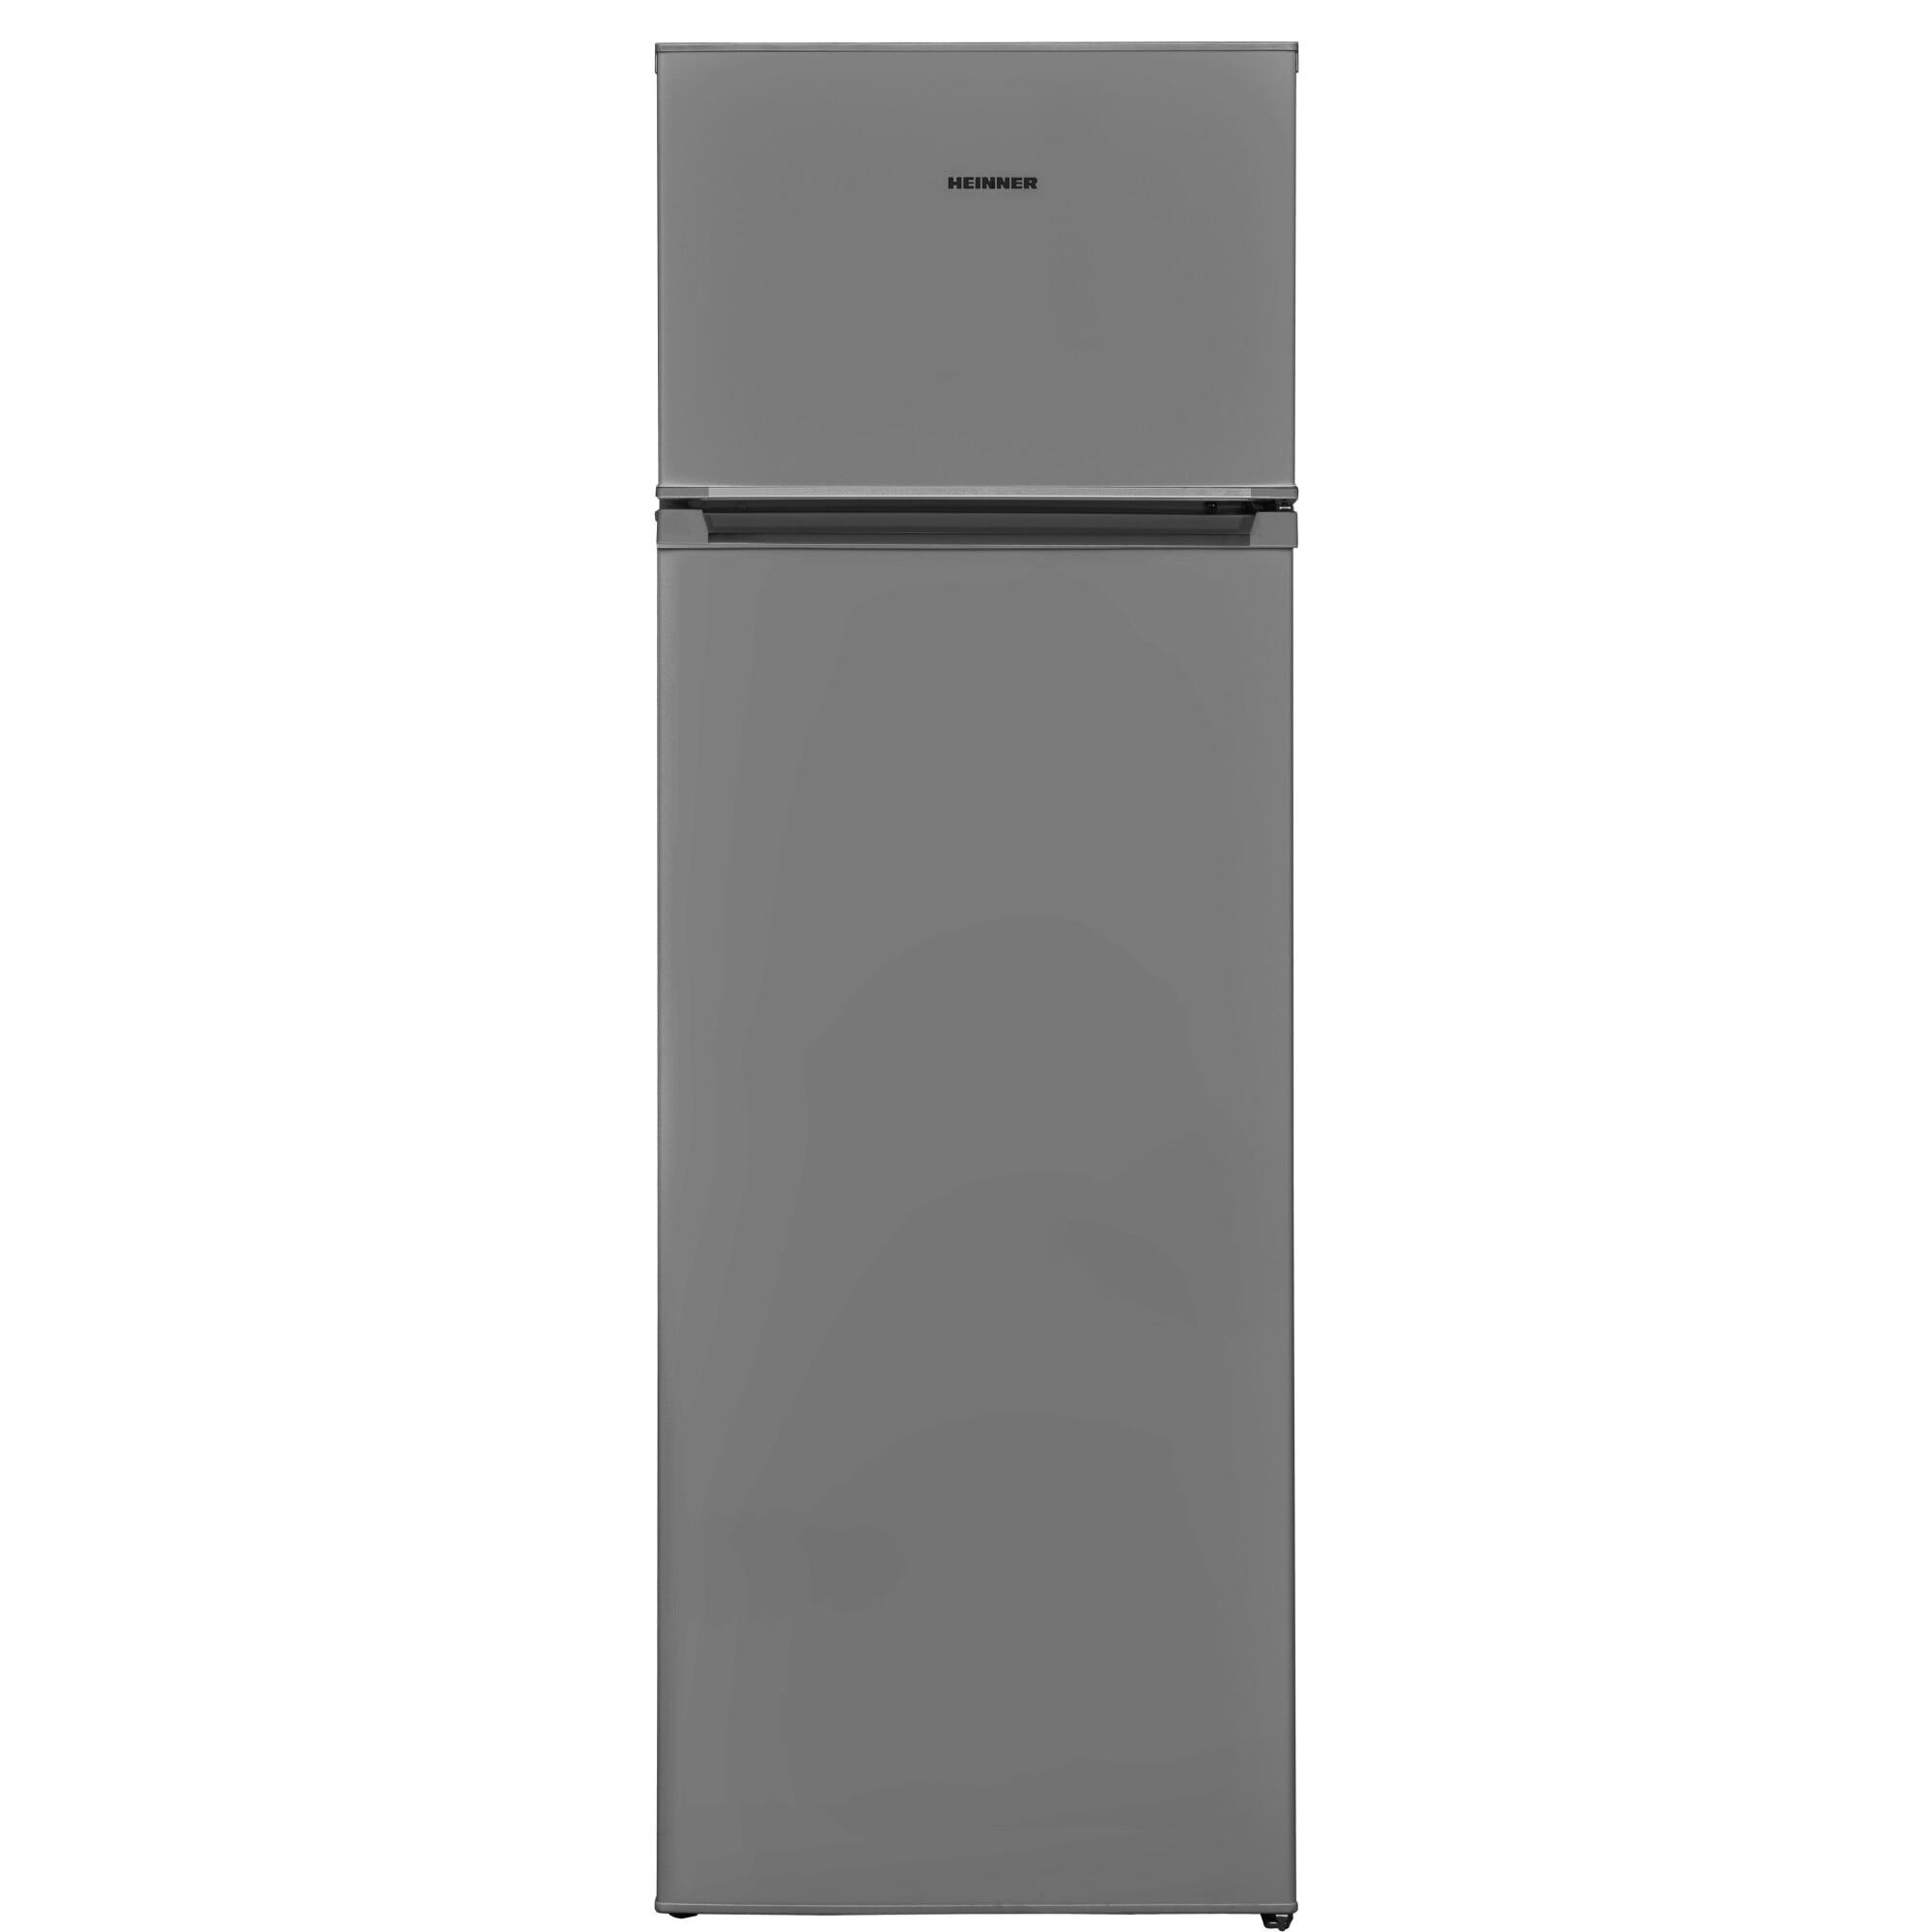 Fotografie Frigider cu doua usi Heinner HF-V240SF+, 242 l, Clasa F, Less Frost, H 160 cm, Argintiu